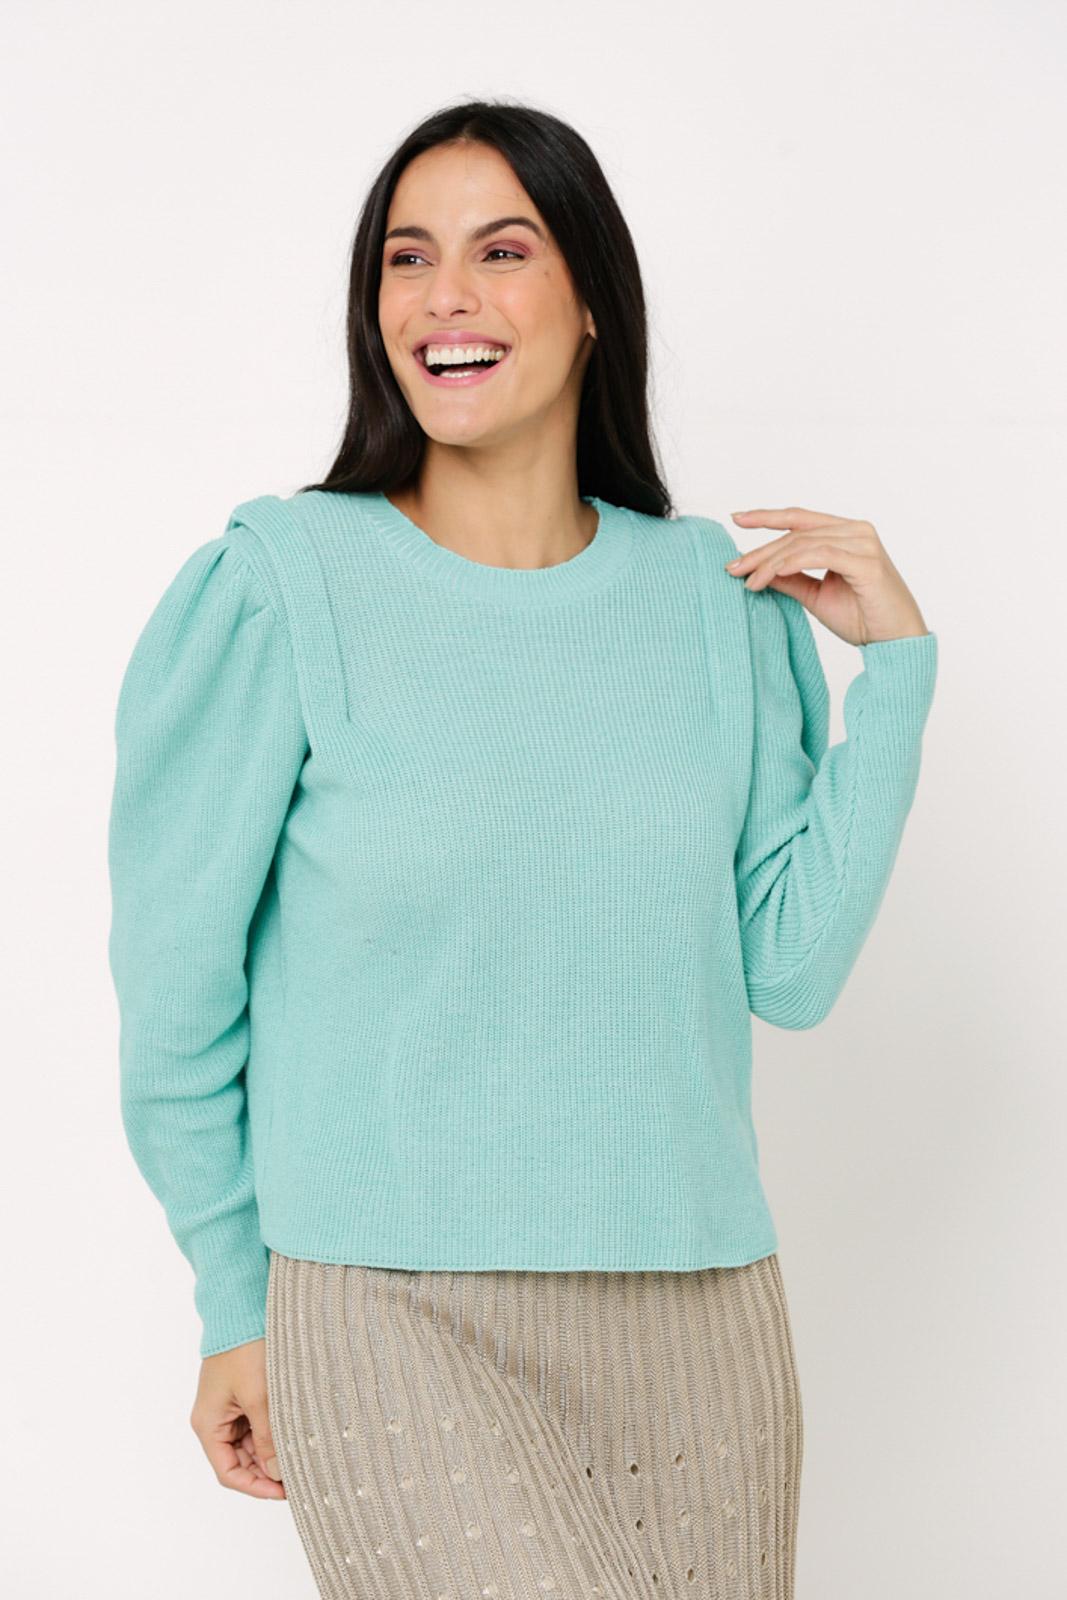 Blusa suéter Ralm de Tricot manga bufante - Verde